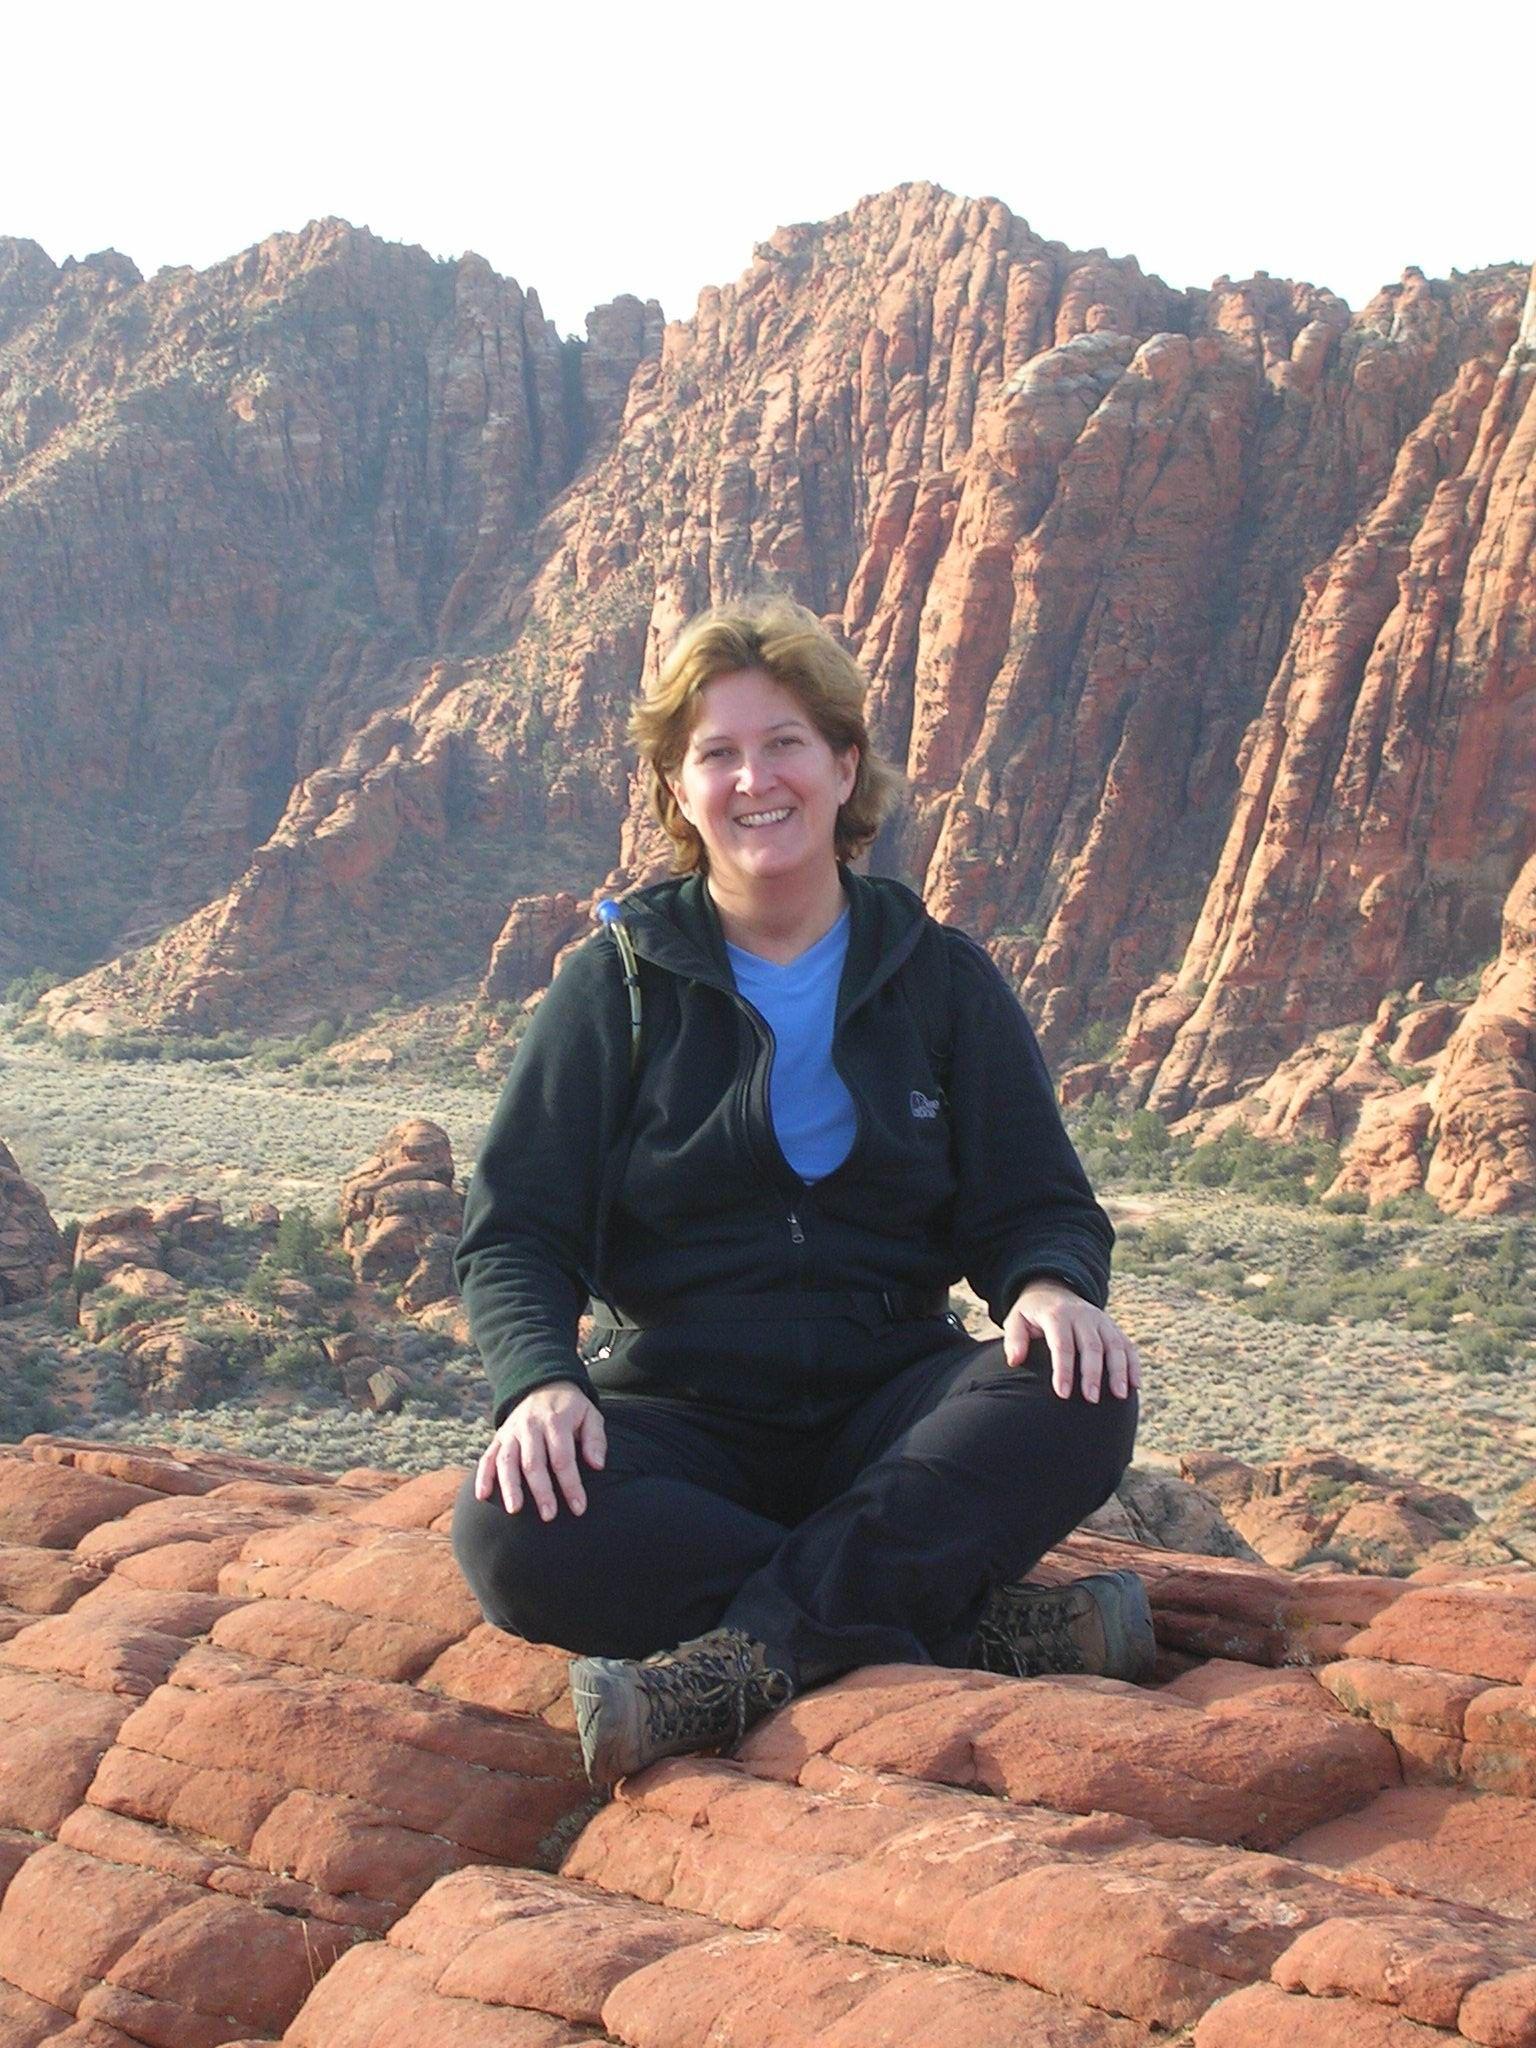 Red Rock Respite, Snow Canyon, Nov, 2006